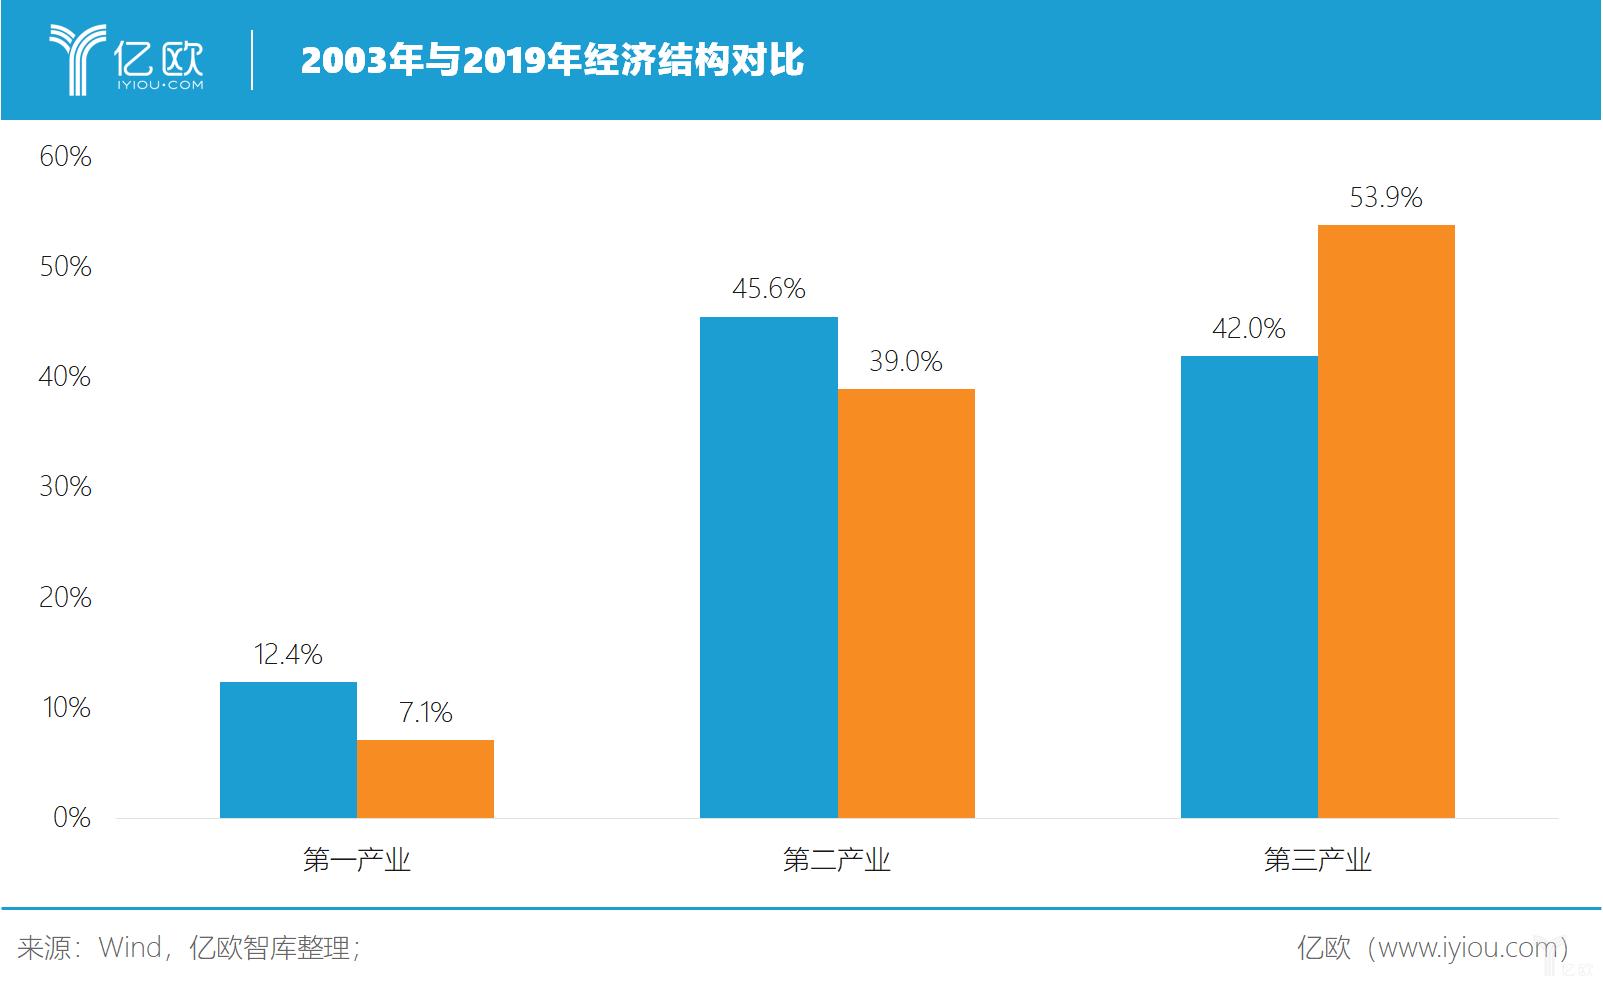 亿欧智库:2003年与2019年经济结构对比